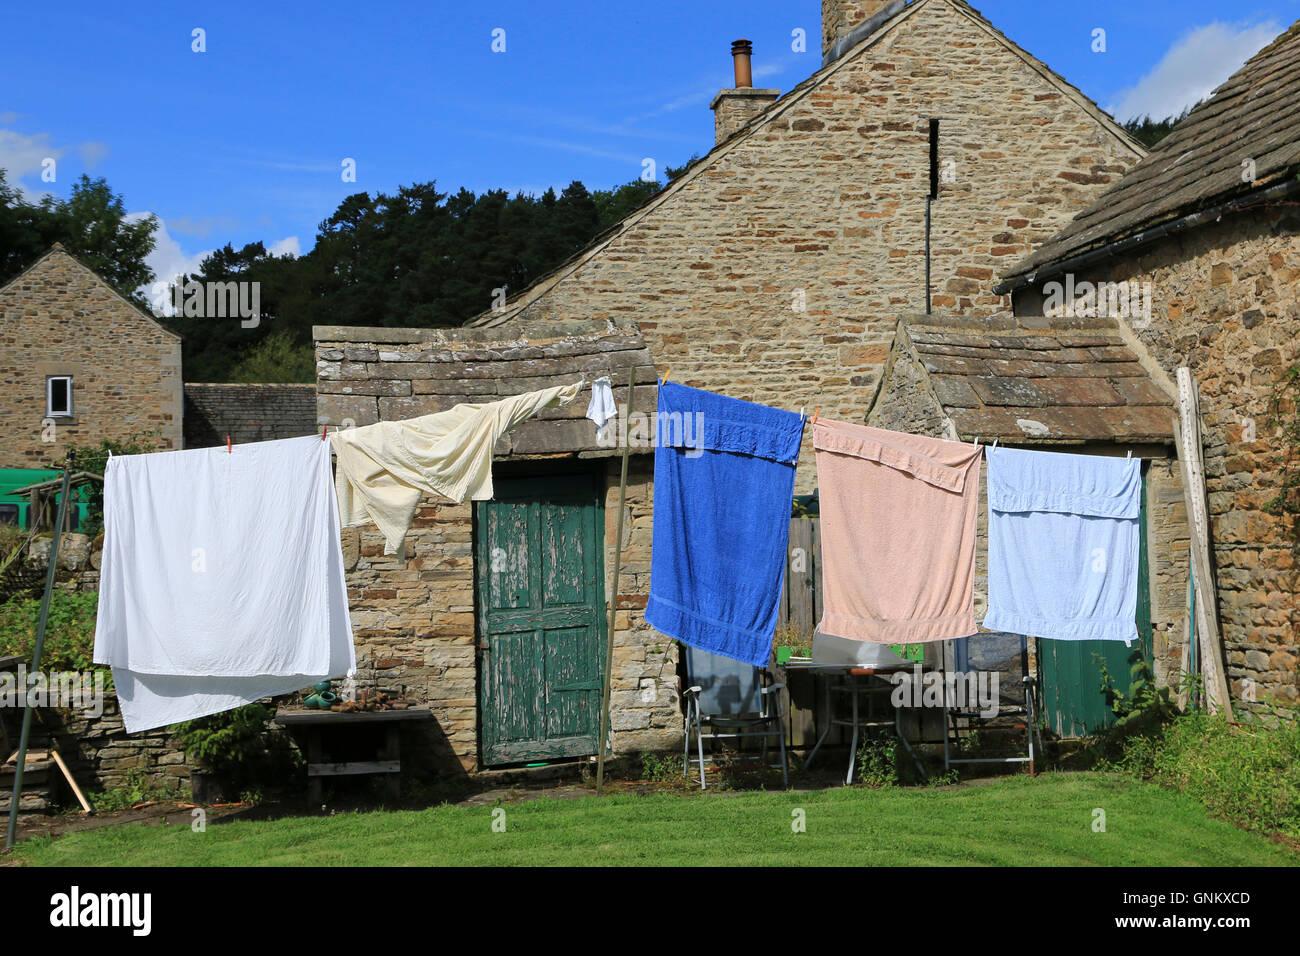 Wäsche zum Trocknen auf eine Wäscheleine an einem sonnigen ...